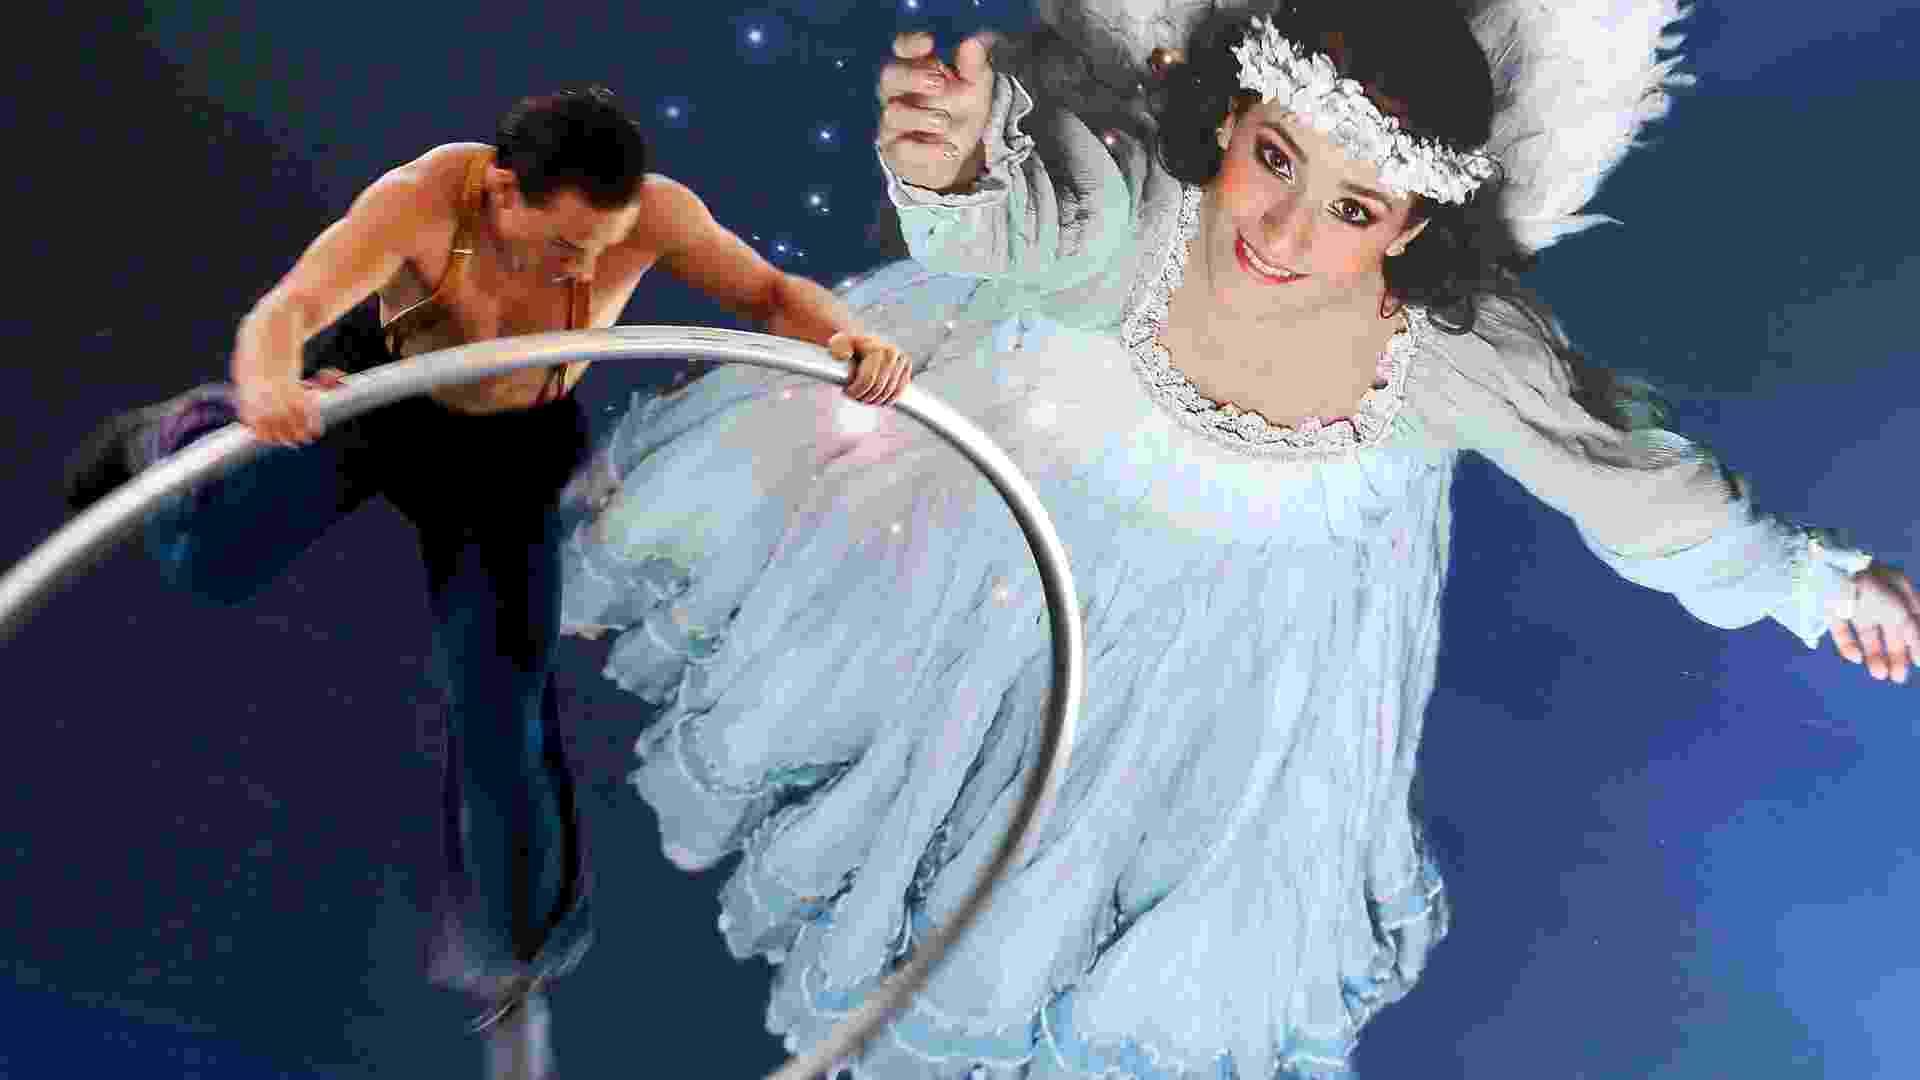 """Cena do espetáculo """"Corteo"""" (palavra que significa 'cortejo' em italiano) exibida para a imprensa na manhã desta quinta (22). Esse é o quinto show itinerante da trupe Cirque du Soleil apresentado em São Paulo - Flávio Florido/UOL"""